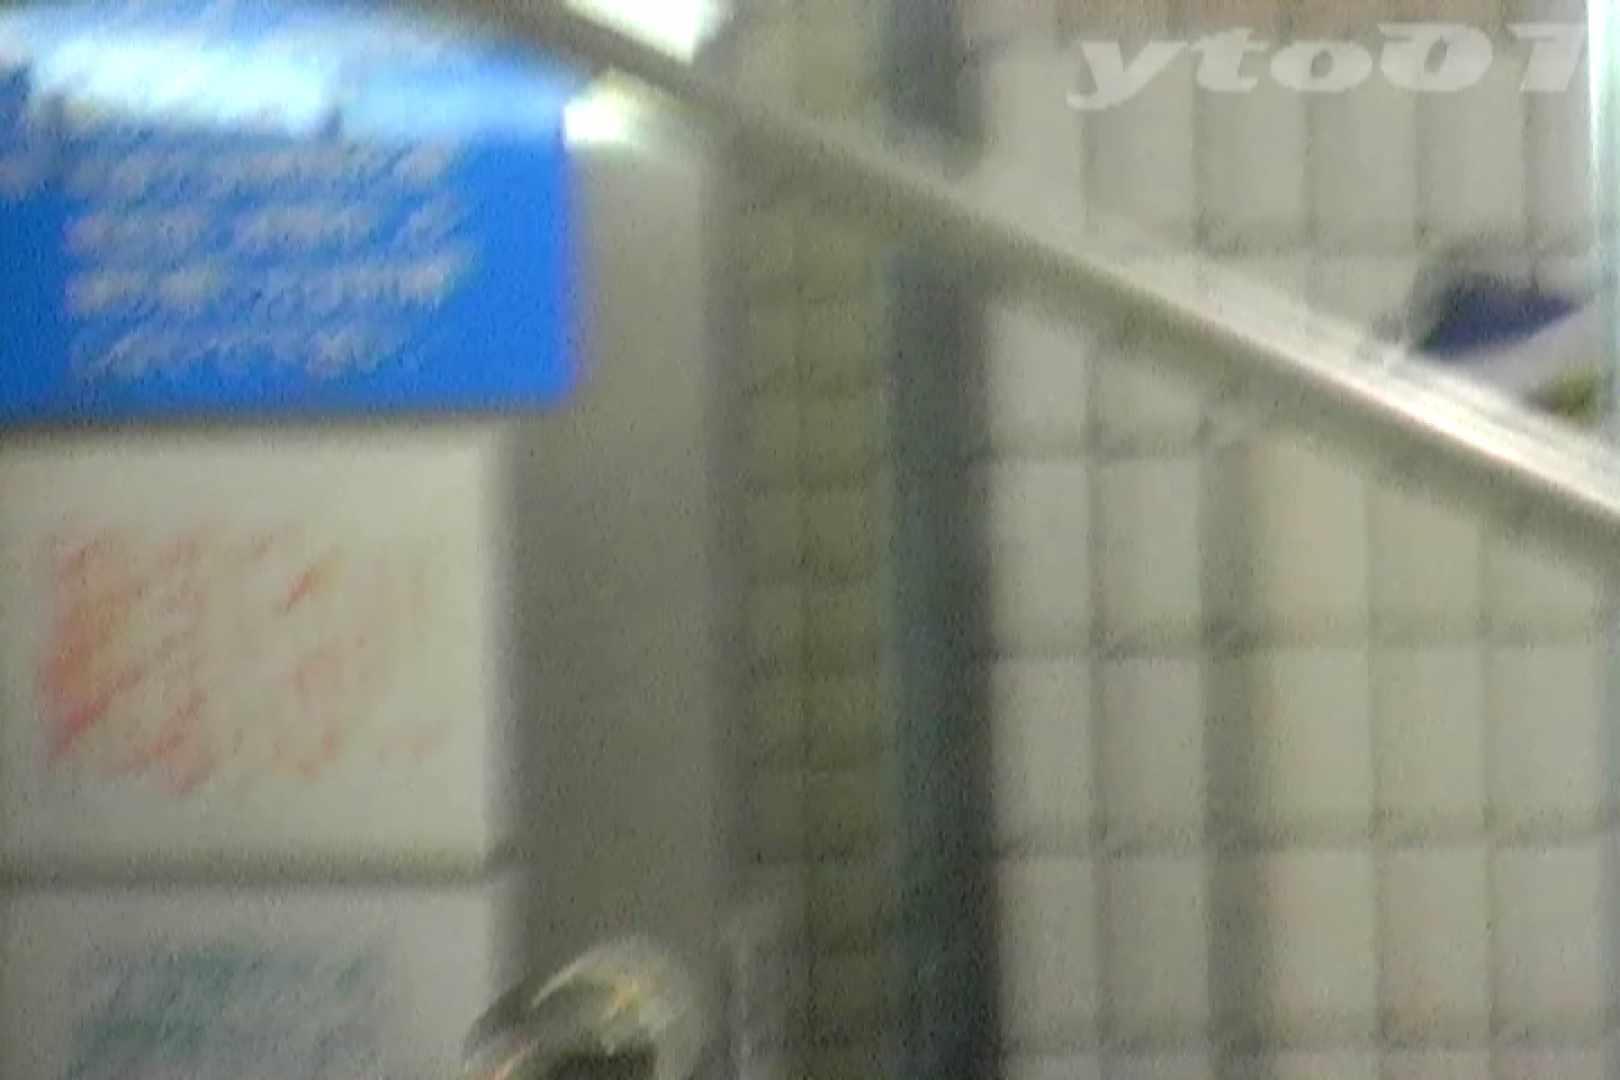 ▲復活限定▲合宿ホテル女風呂盗撮 Vol.05 期間限定 AV無料動画キャプチャ 25連発 20